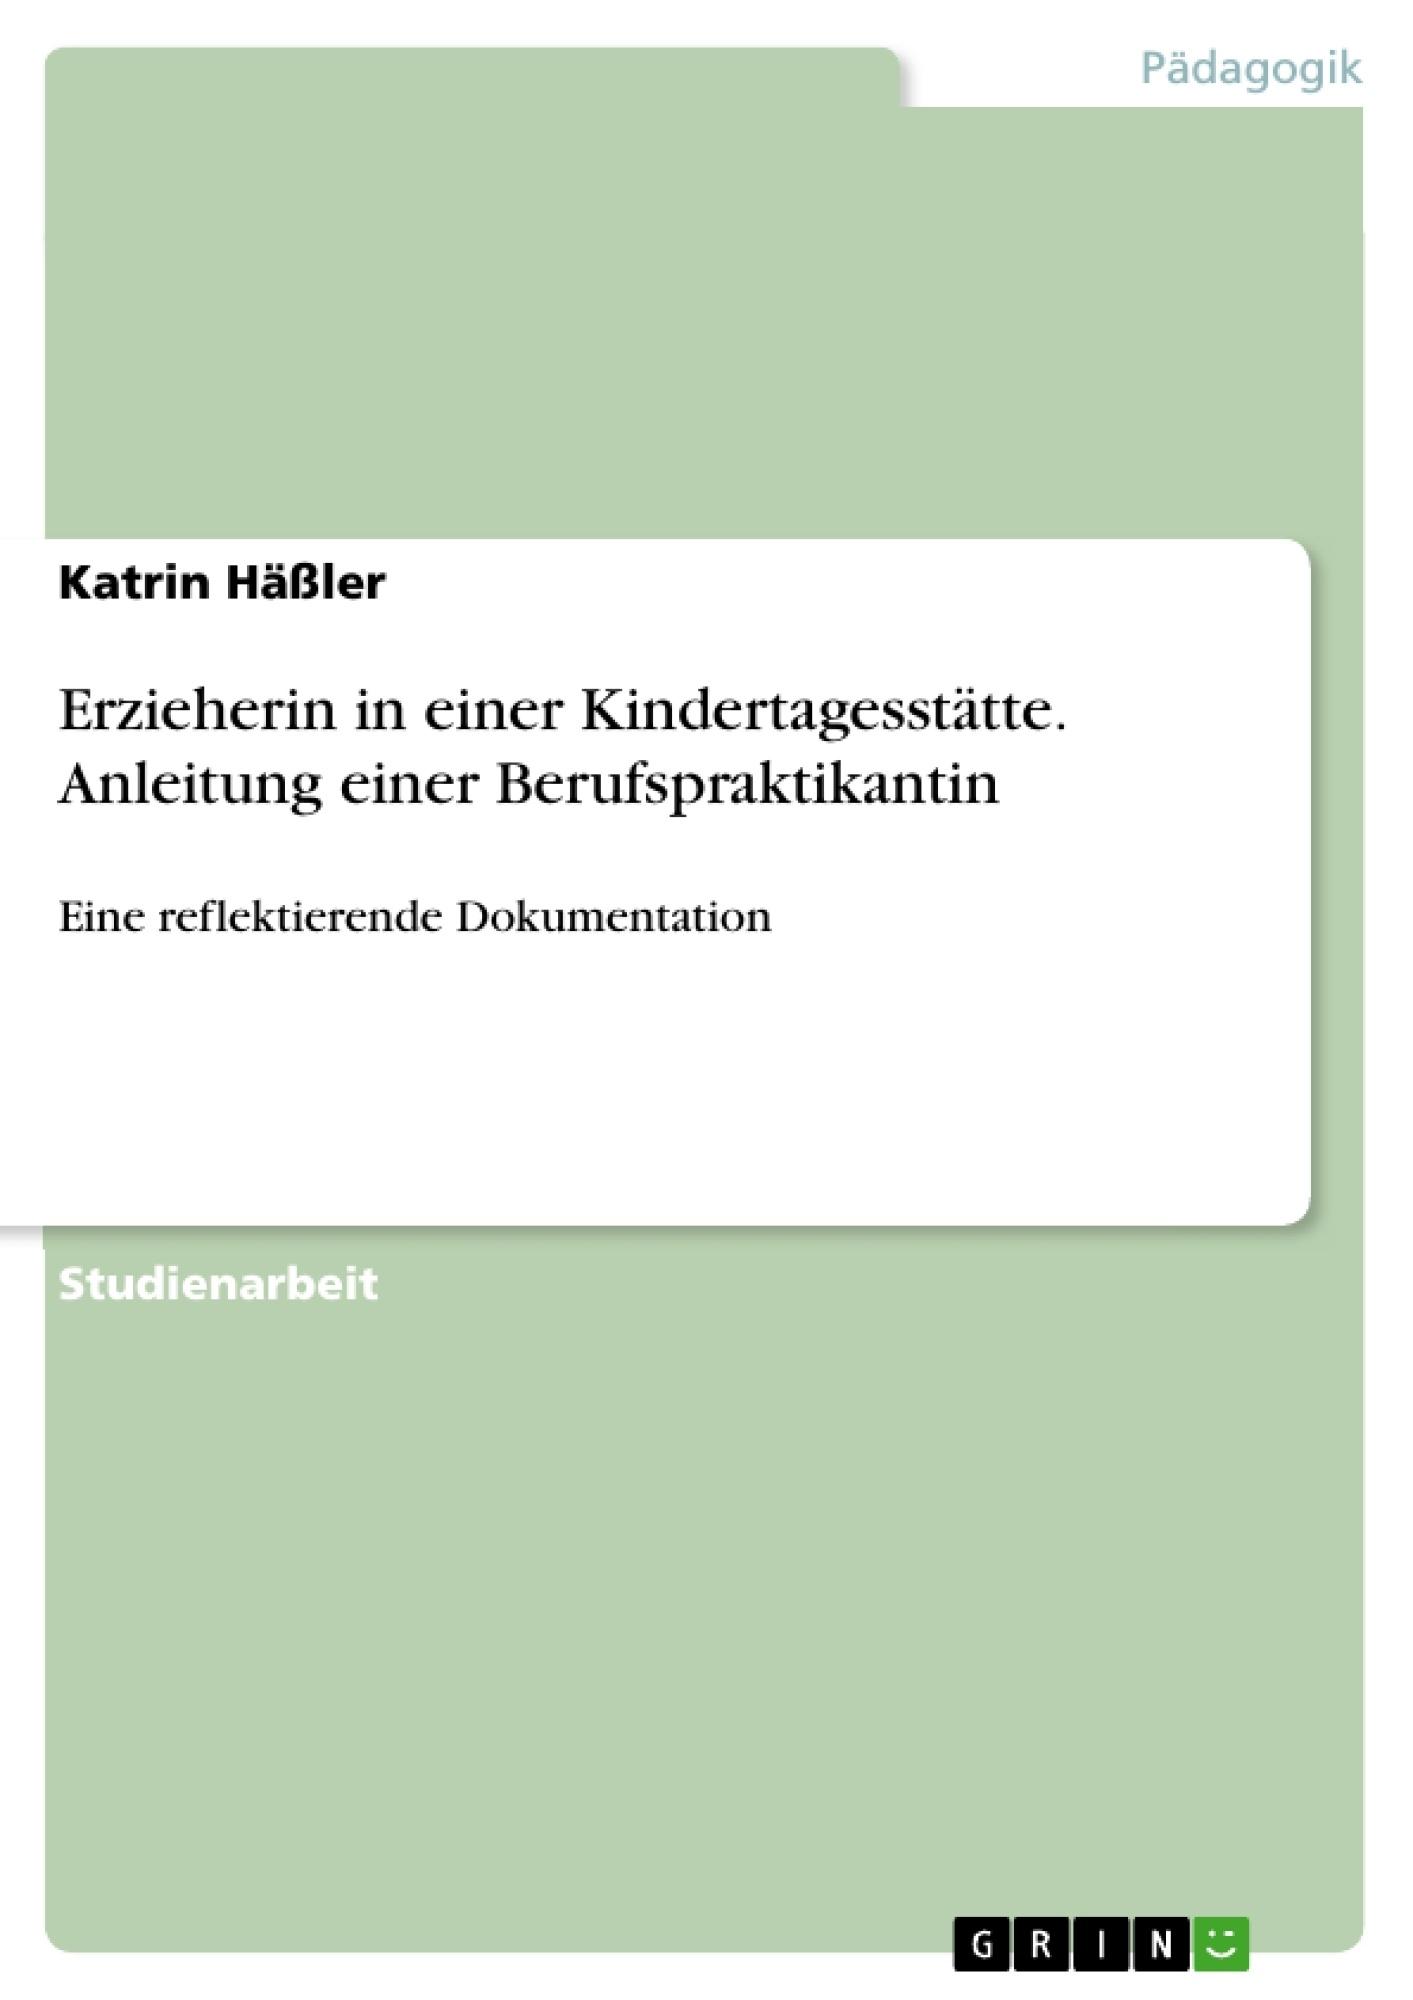 Titel: Erzieherin in einer Kindertagesstätte. Anleitung einer Berufspraktikantin